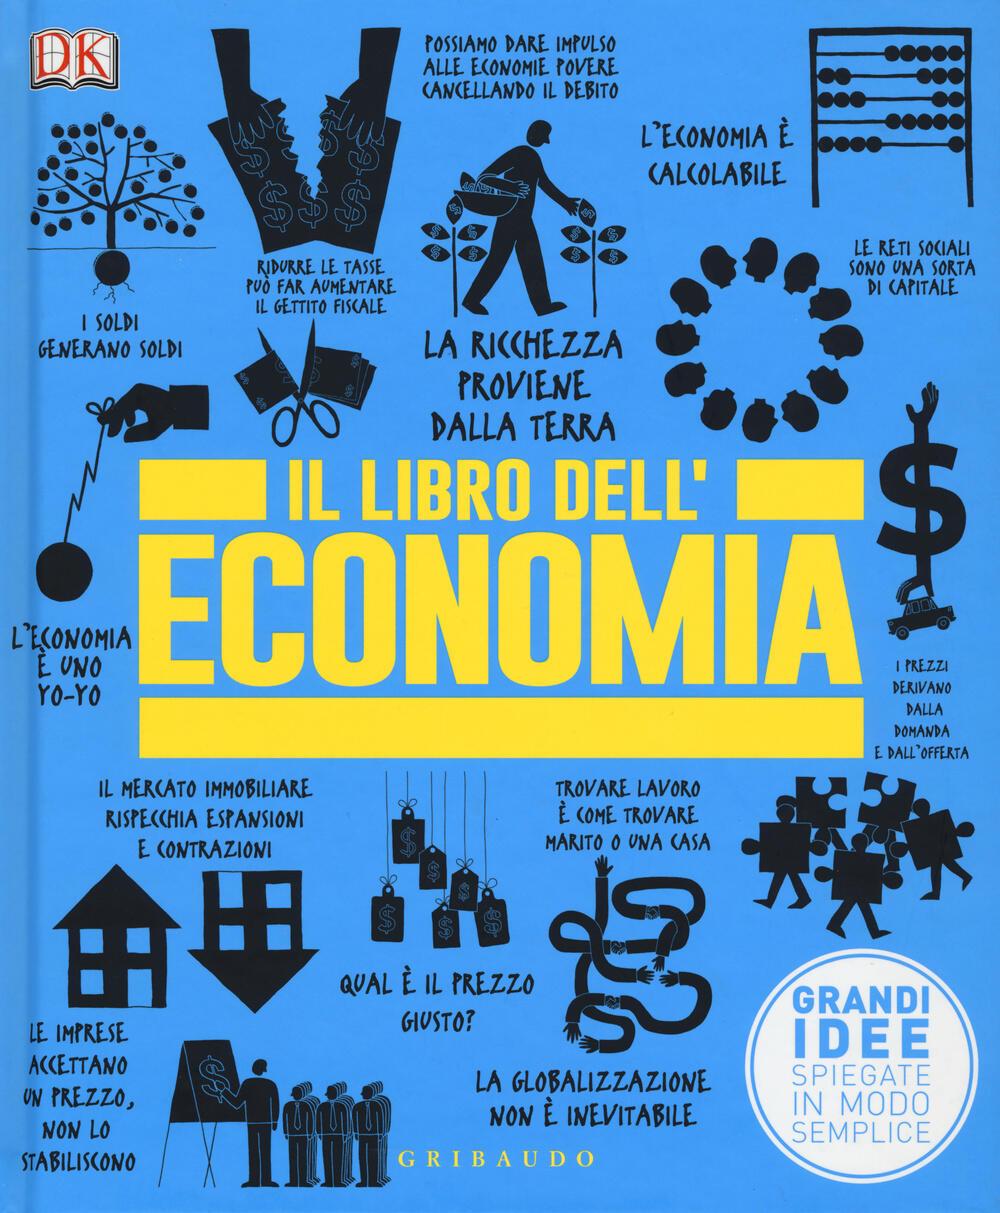 grandi idee spiegate in modo semplice  Collana Straordinariamente edita da Gribaudo - Libri   IBS